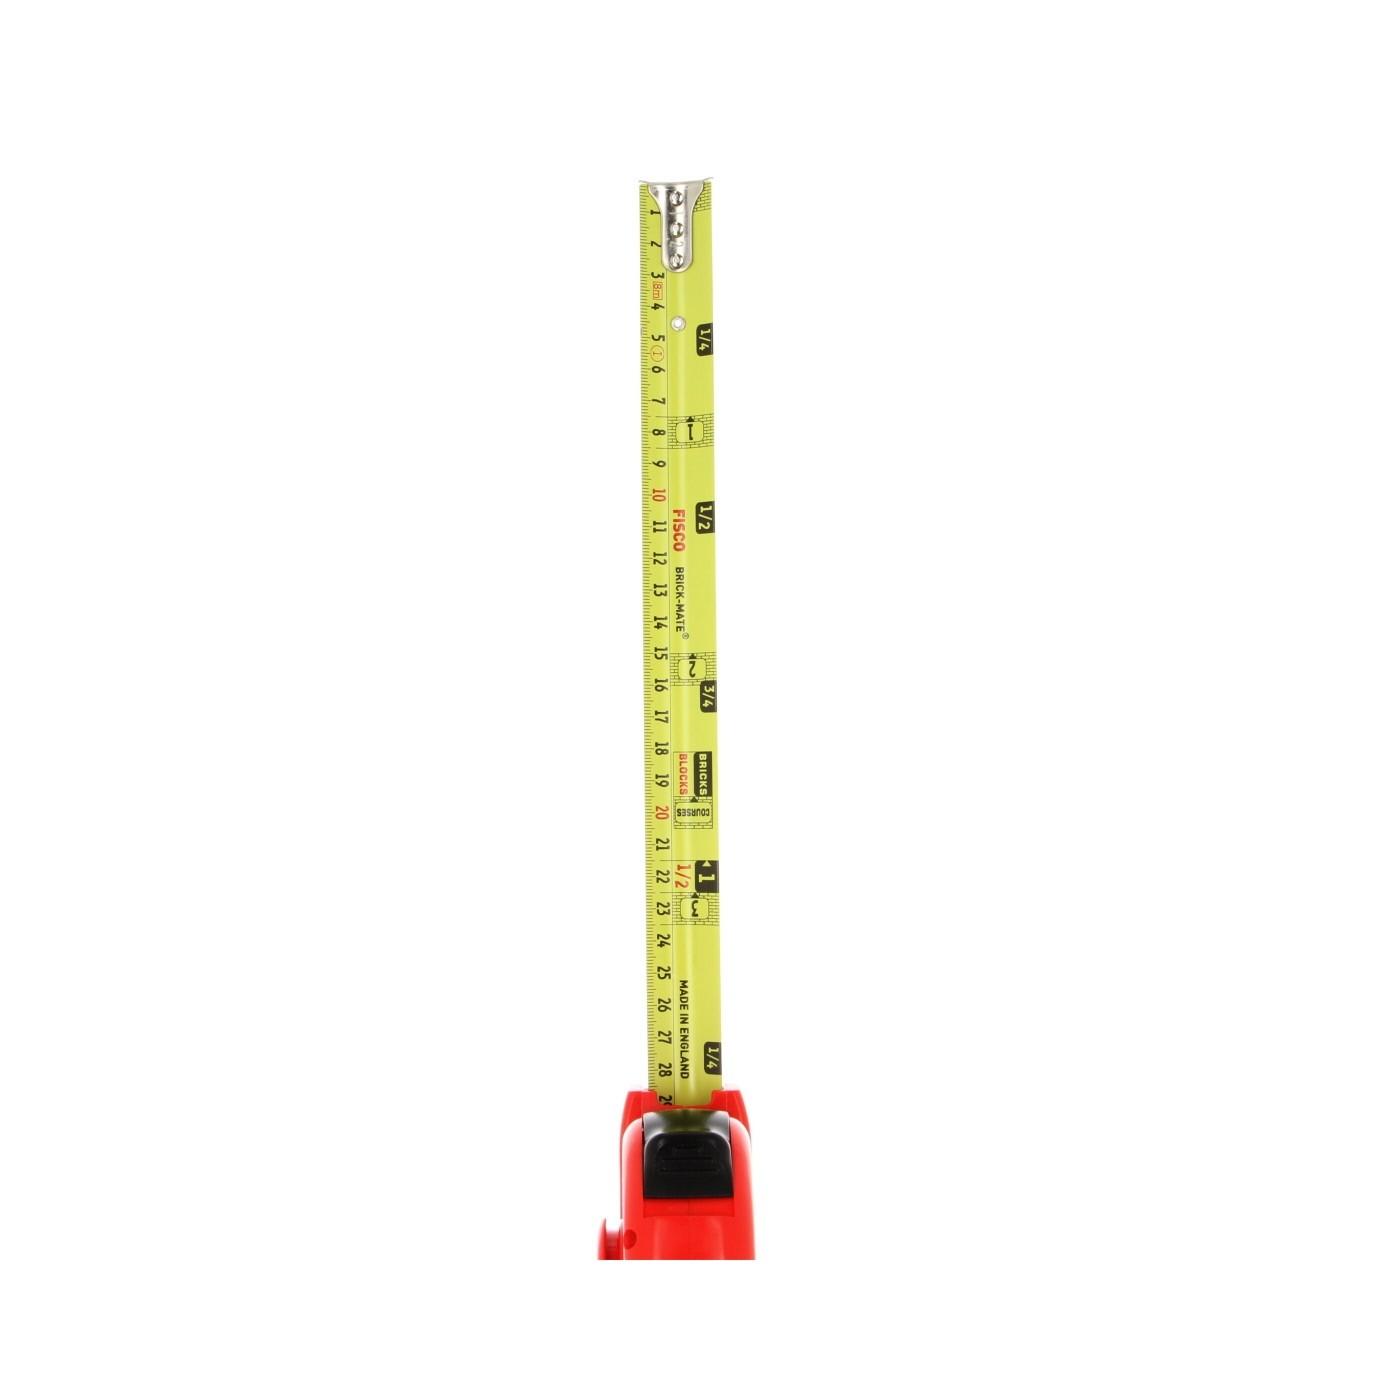 Fisco Bm8 8M Brick-Mate Tape//Brick Course Measure